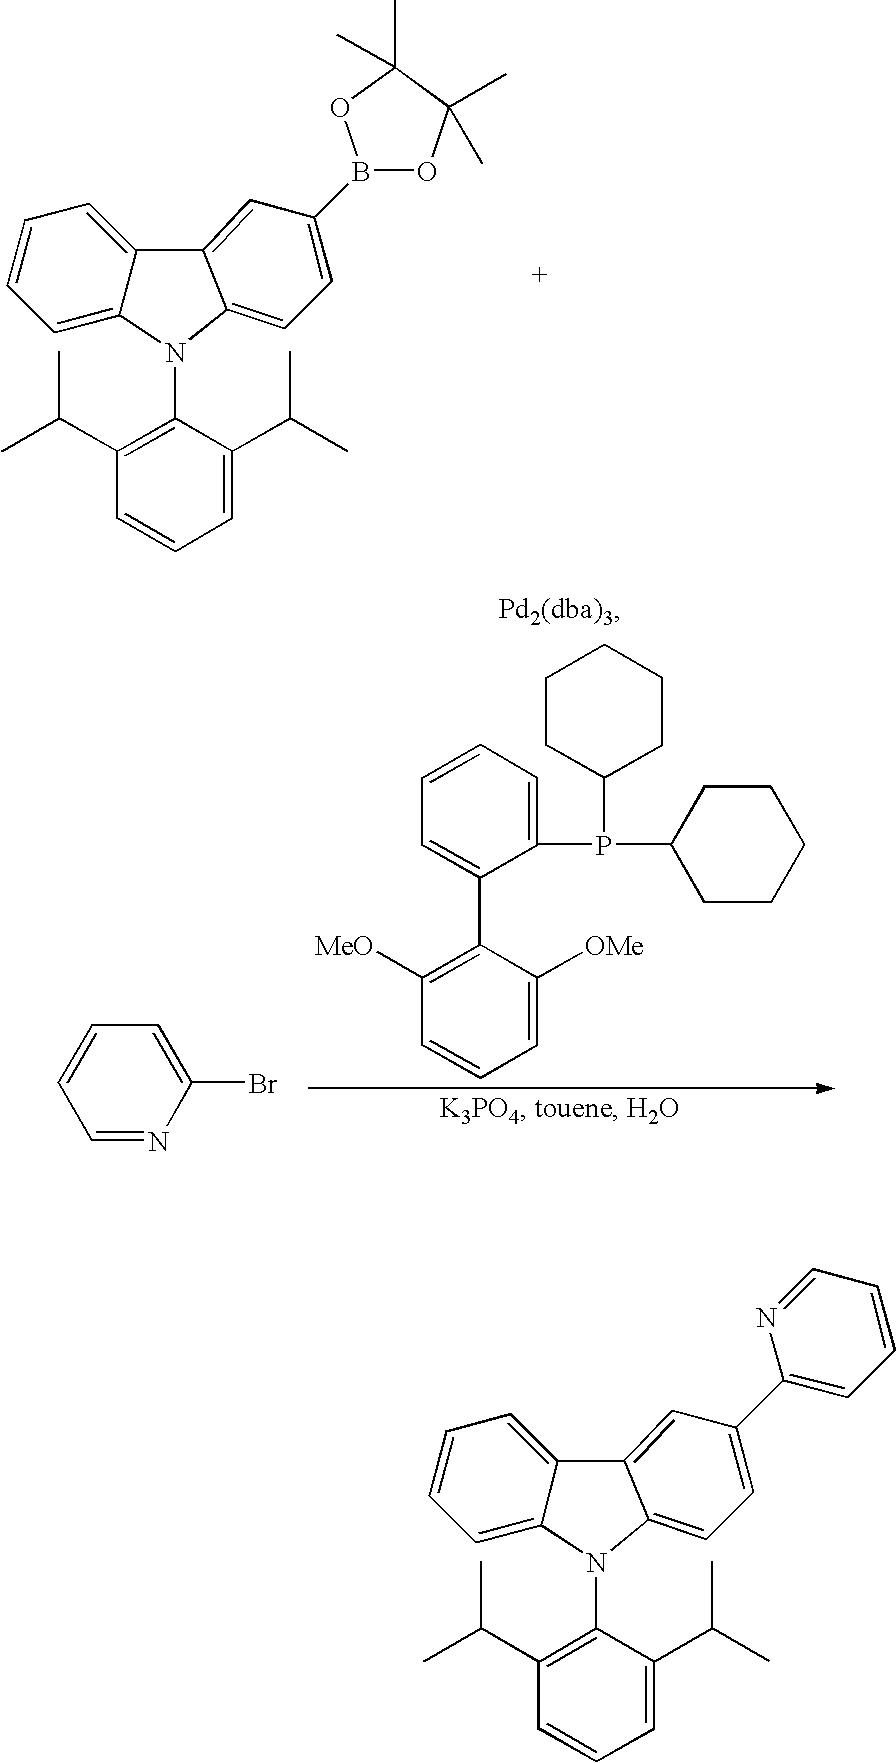 Figure US20090108737A1-20090430-C00173